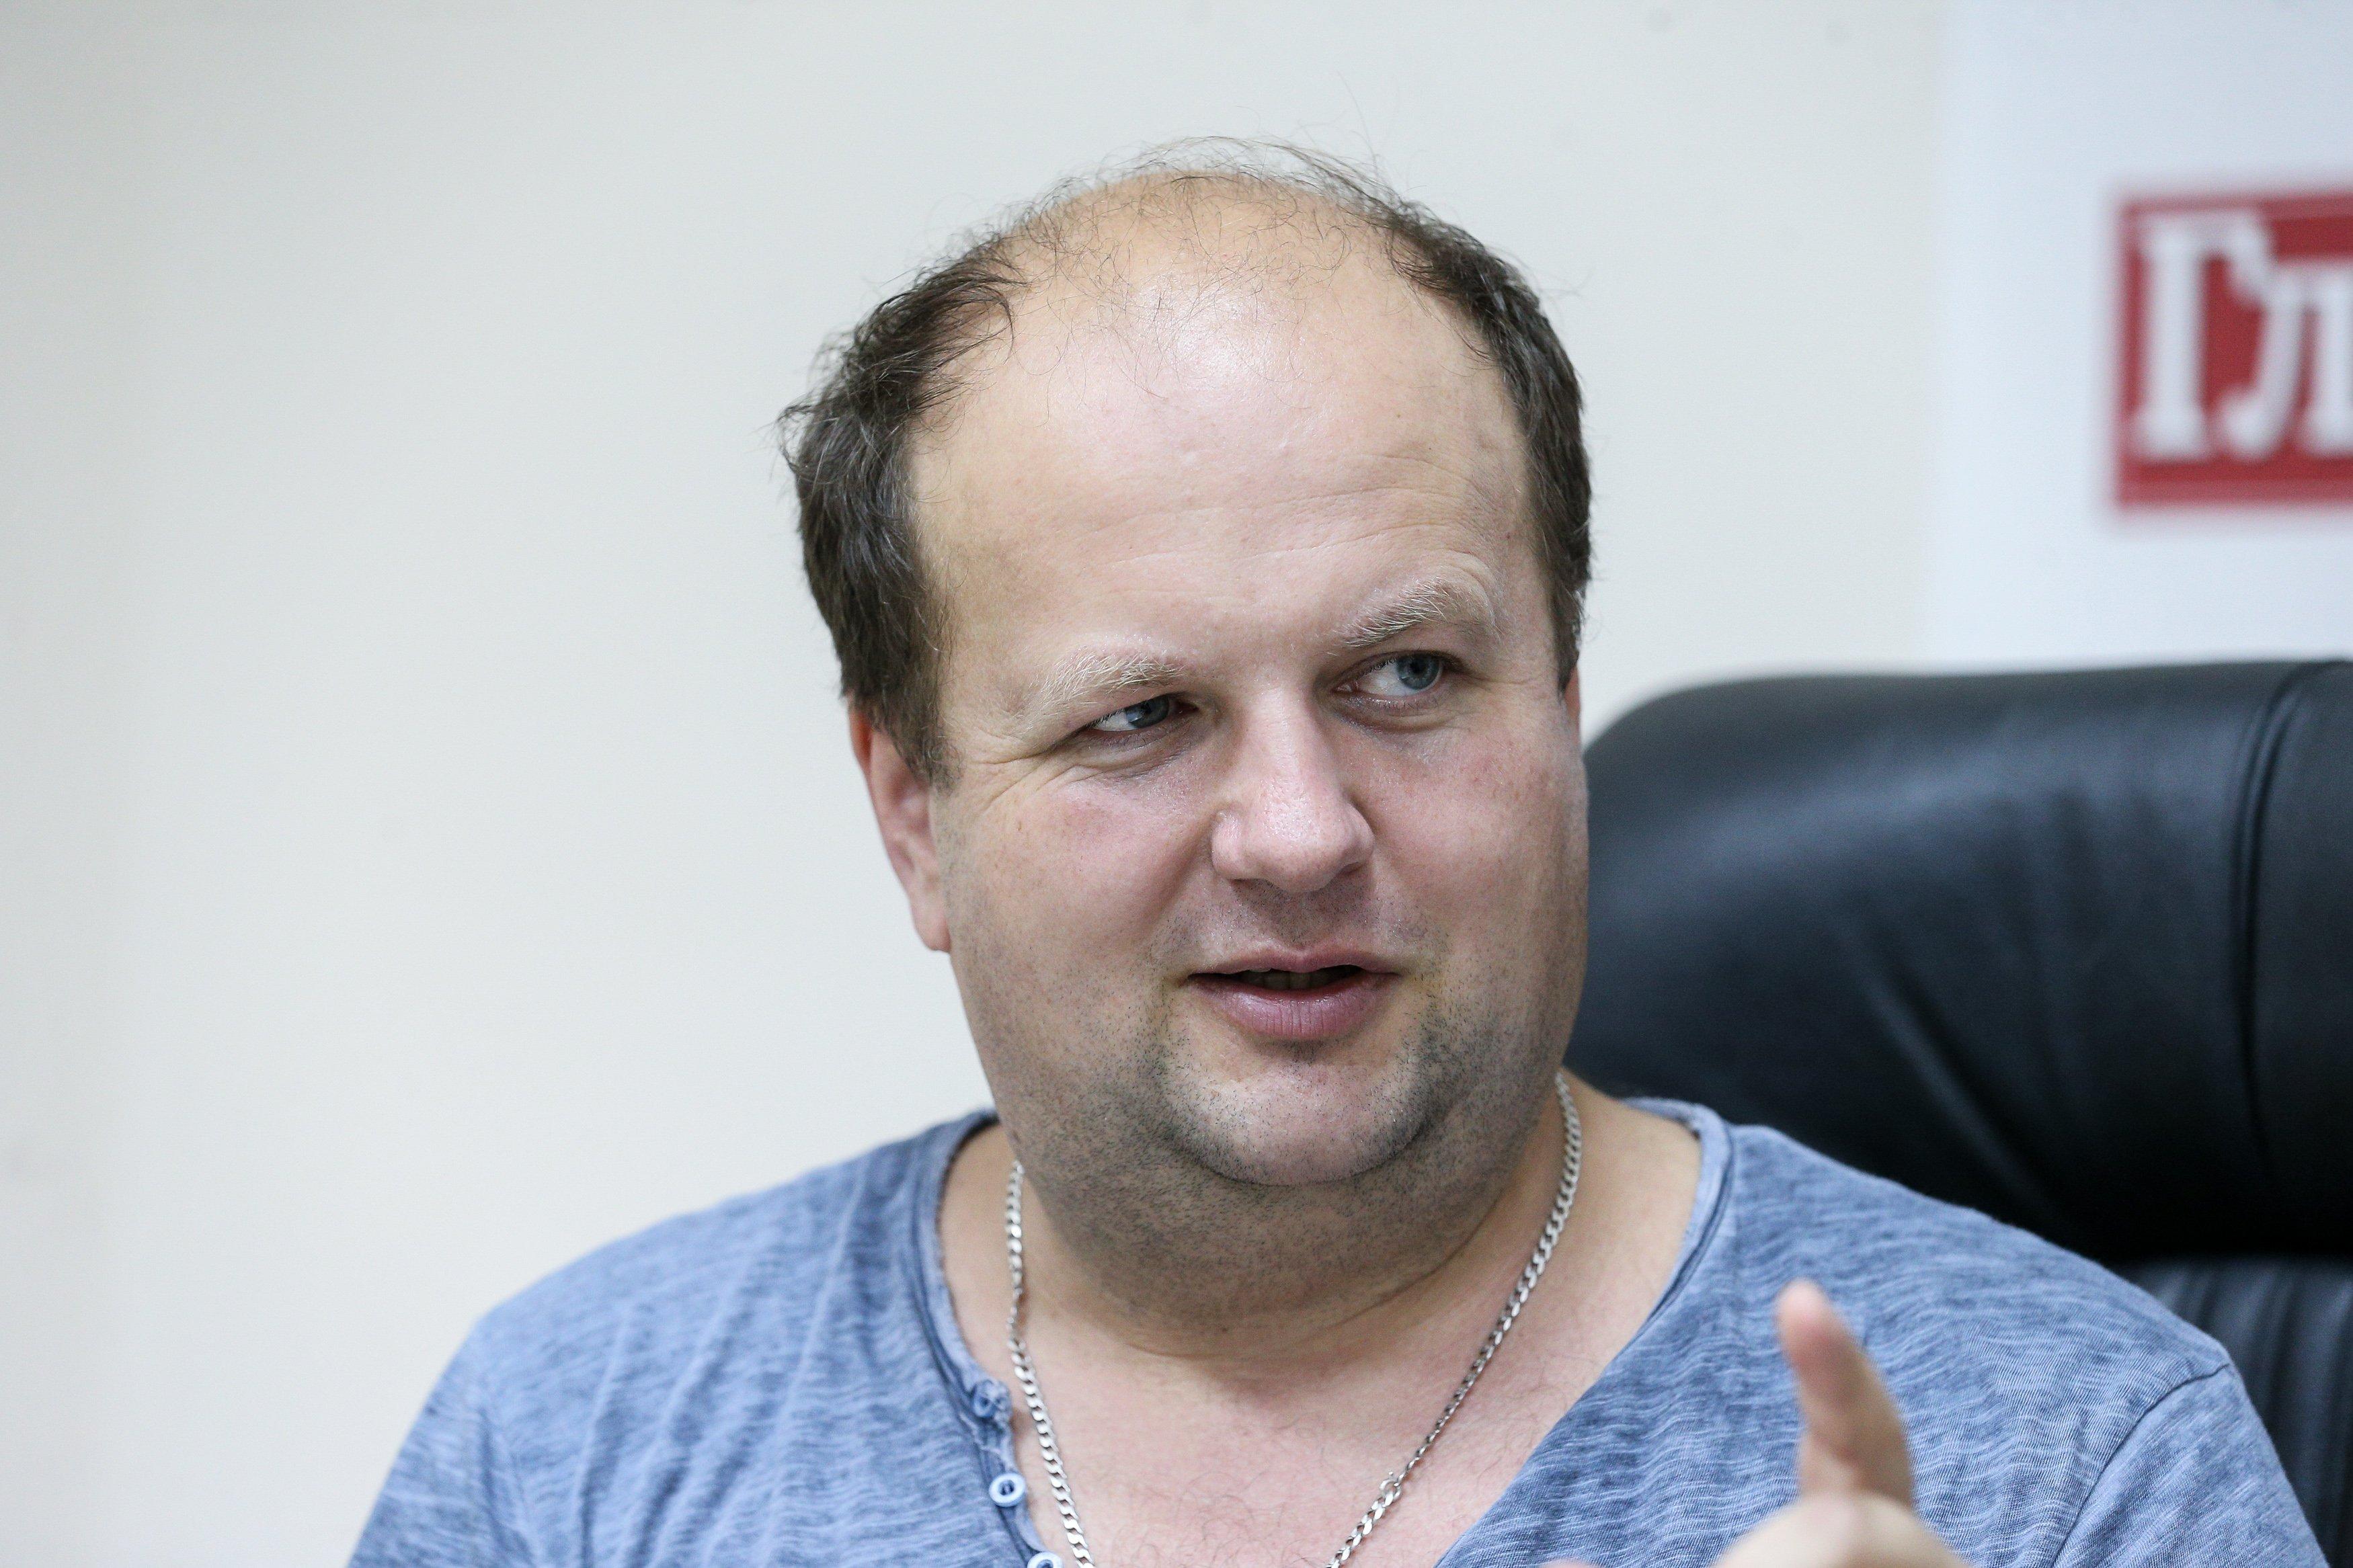 Виктор Бронюк оценил президентские шансы Зеленского и Вакарчука